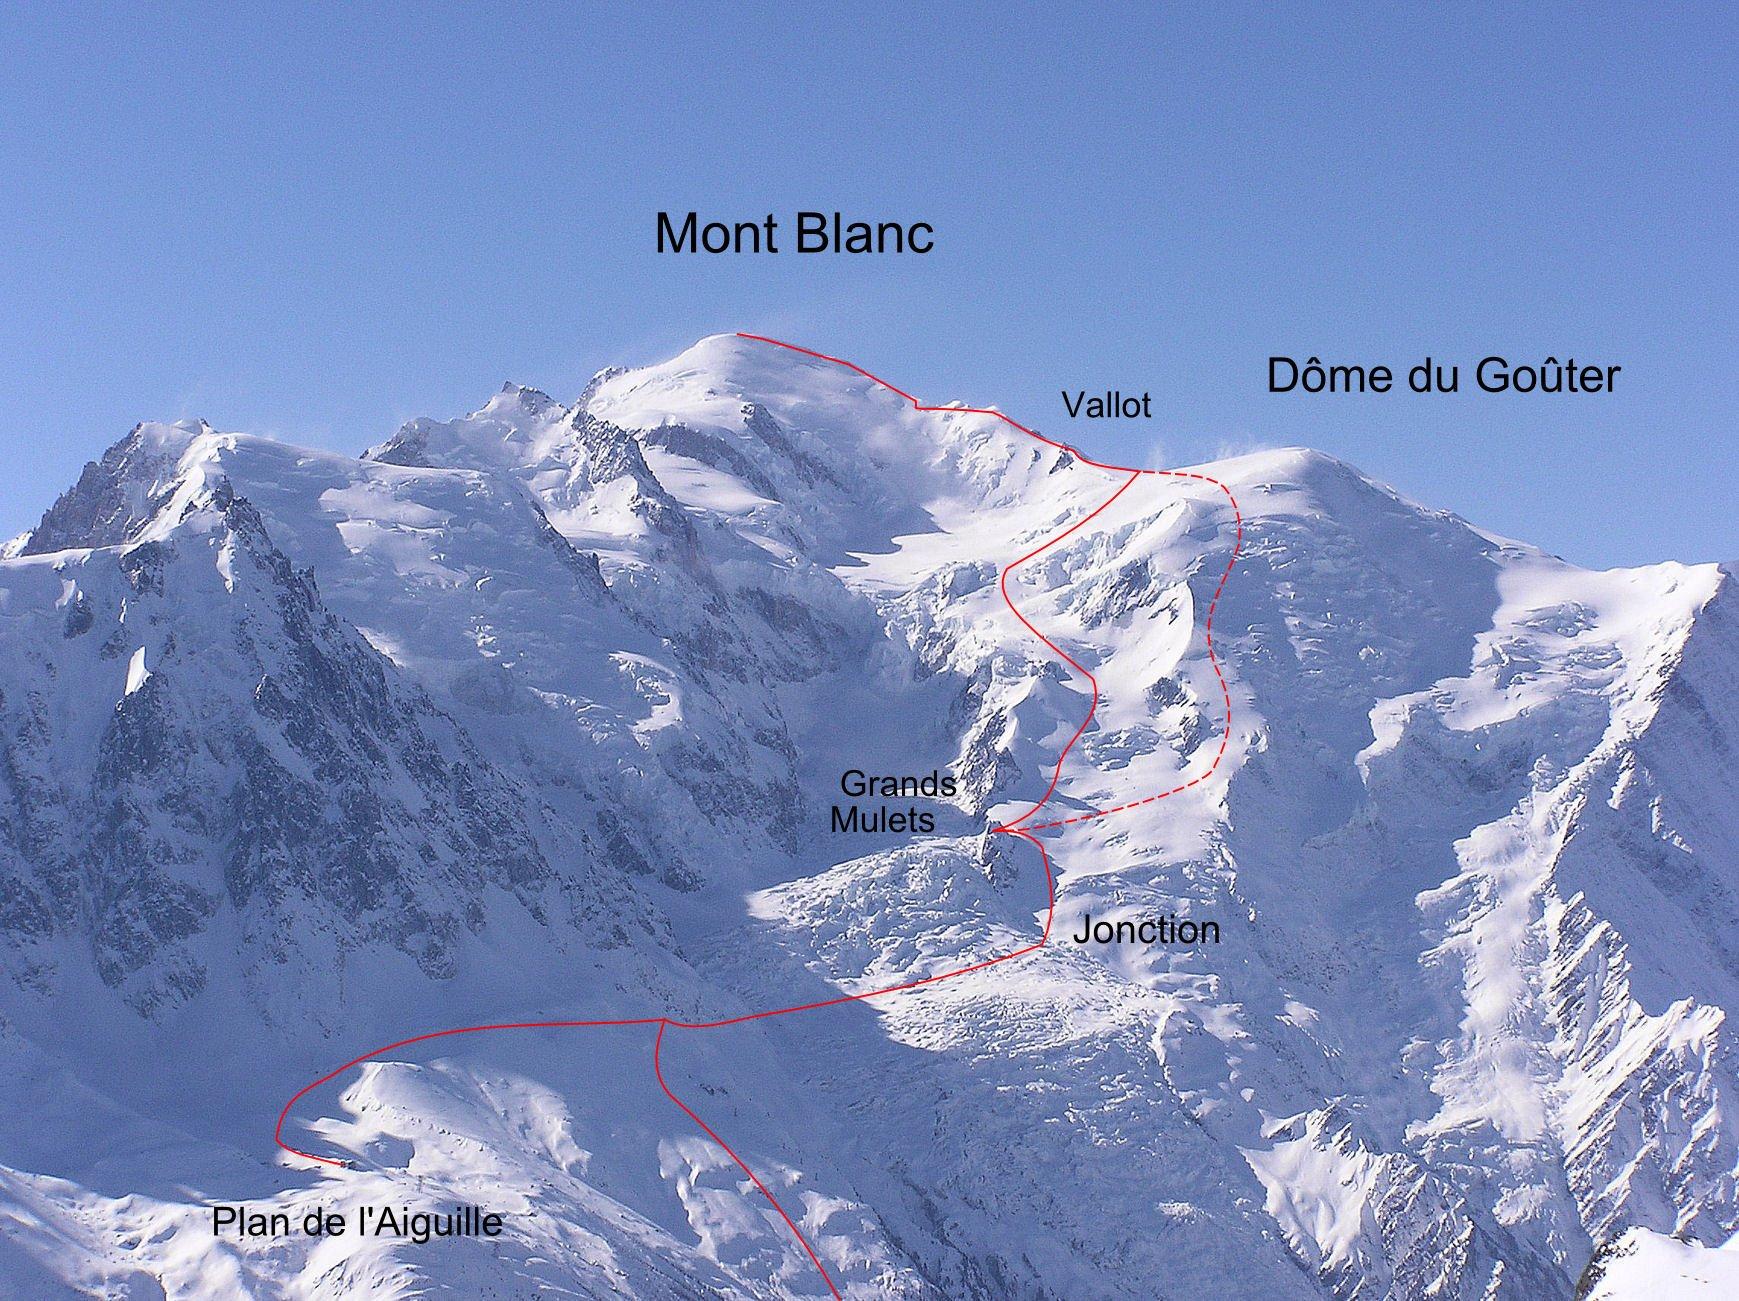 quanto alto il monte bianco la risposta non cos scontata On quanto e alto il monte bianco